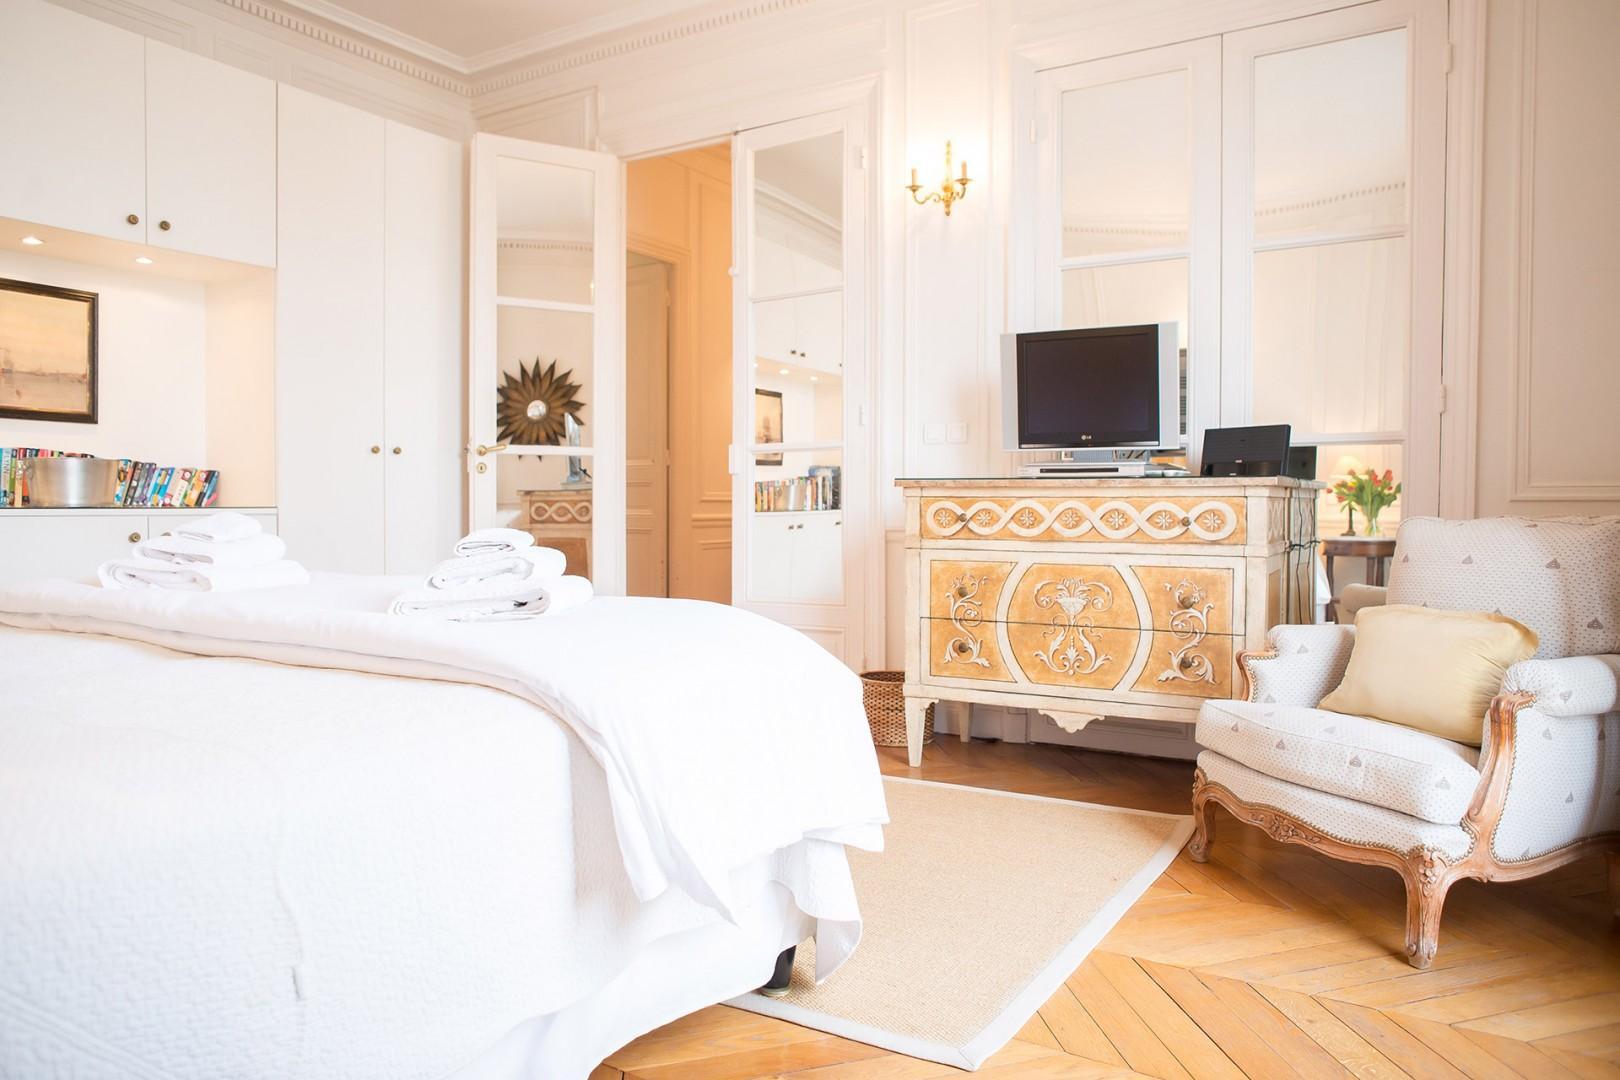 The oversized French door brightens the bedroom.